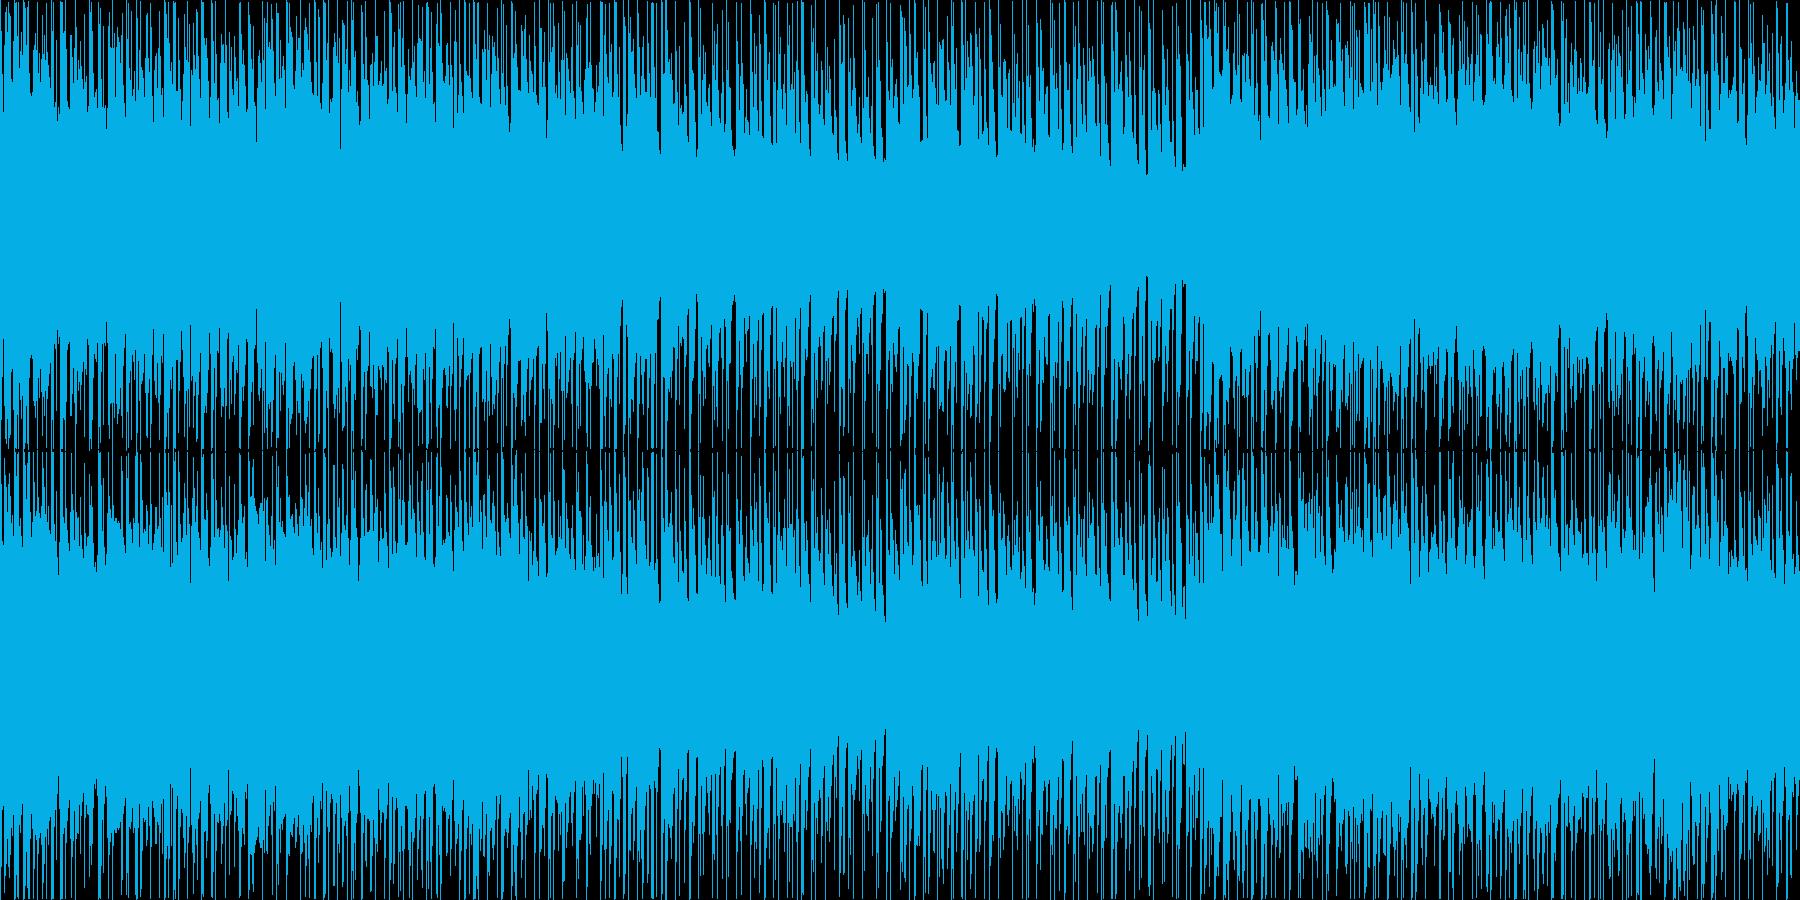 ループ/緊迫感のあるストリングス/ビートの再生済みの波形